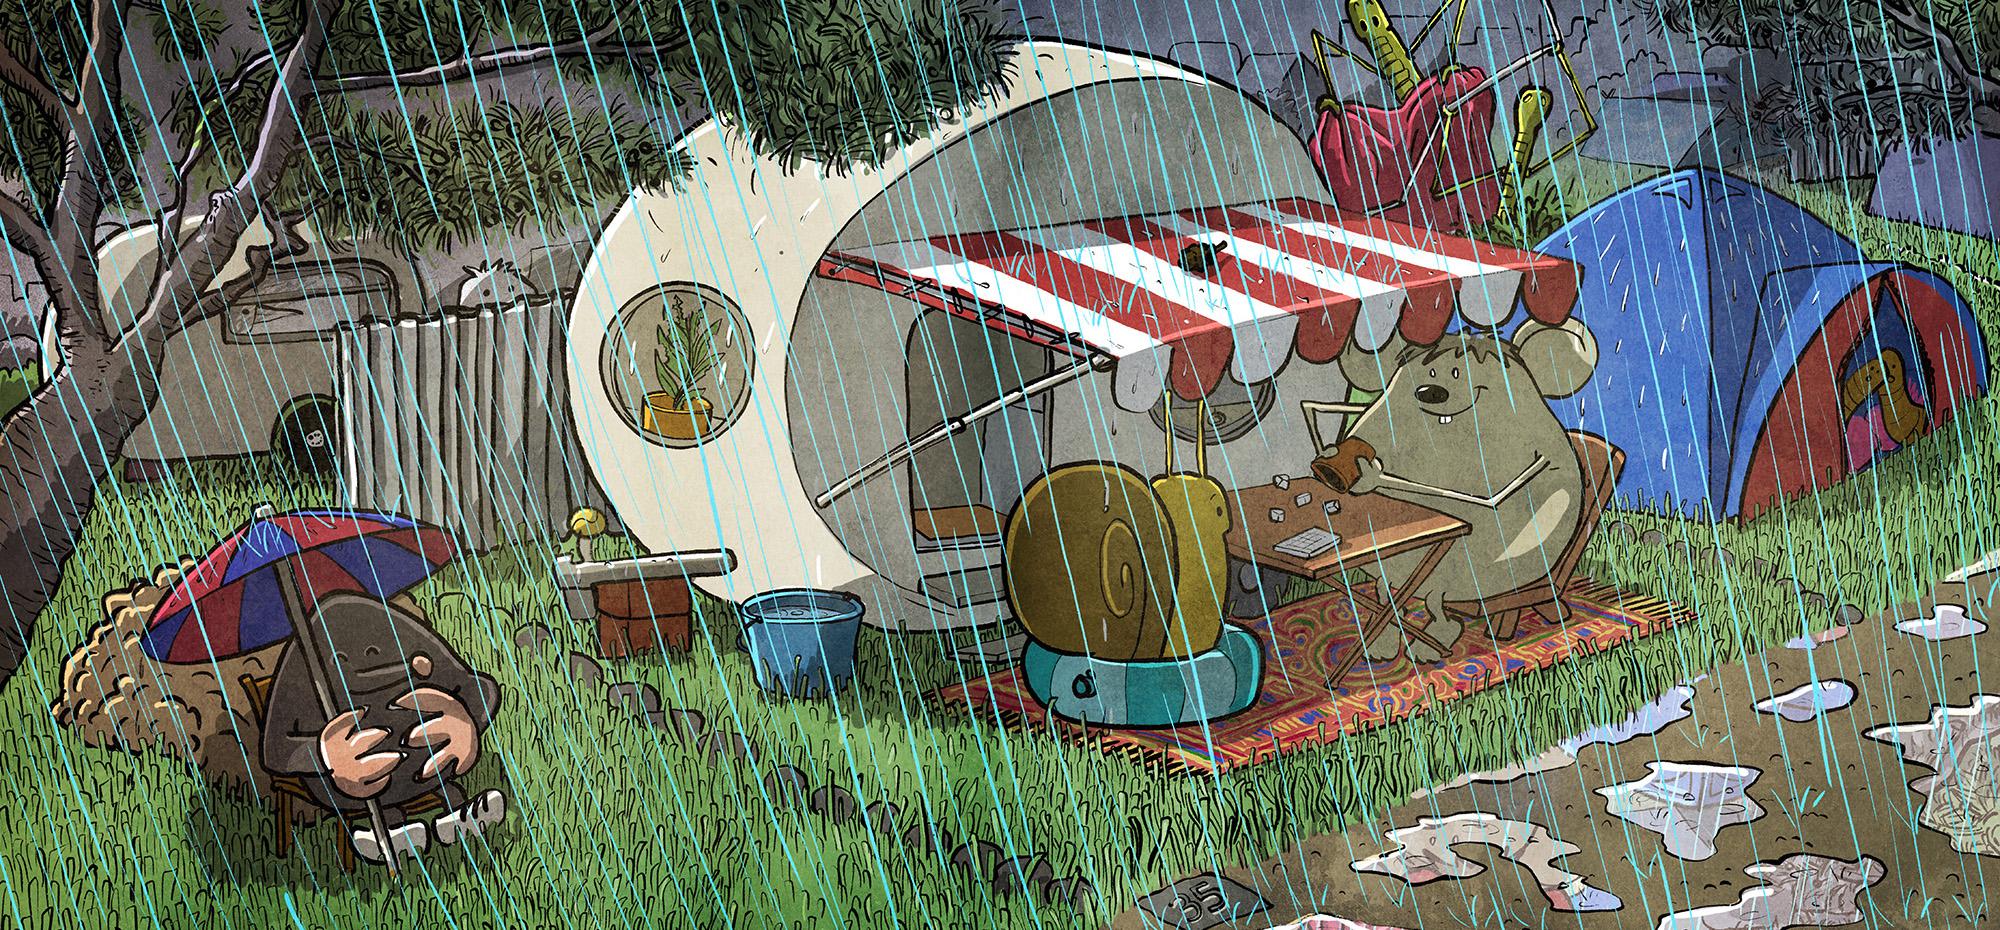 Regen-Camping